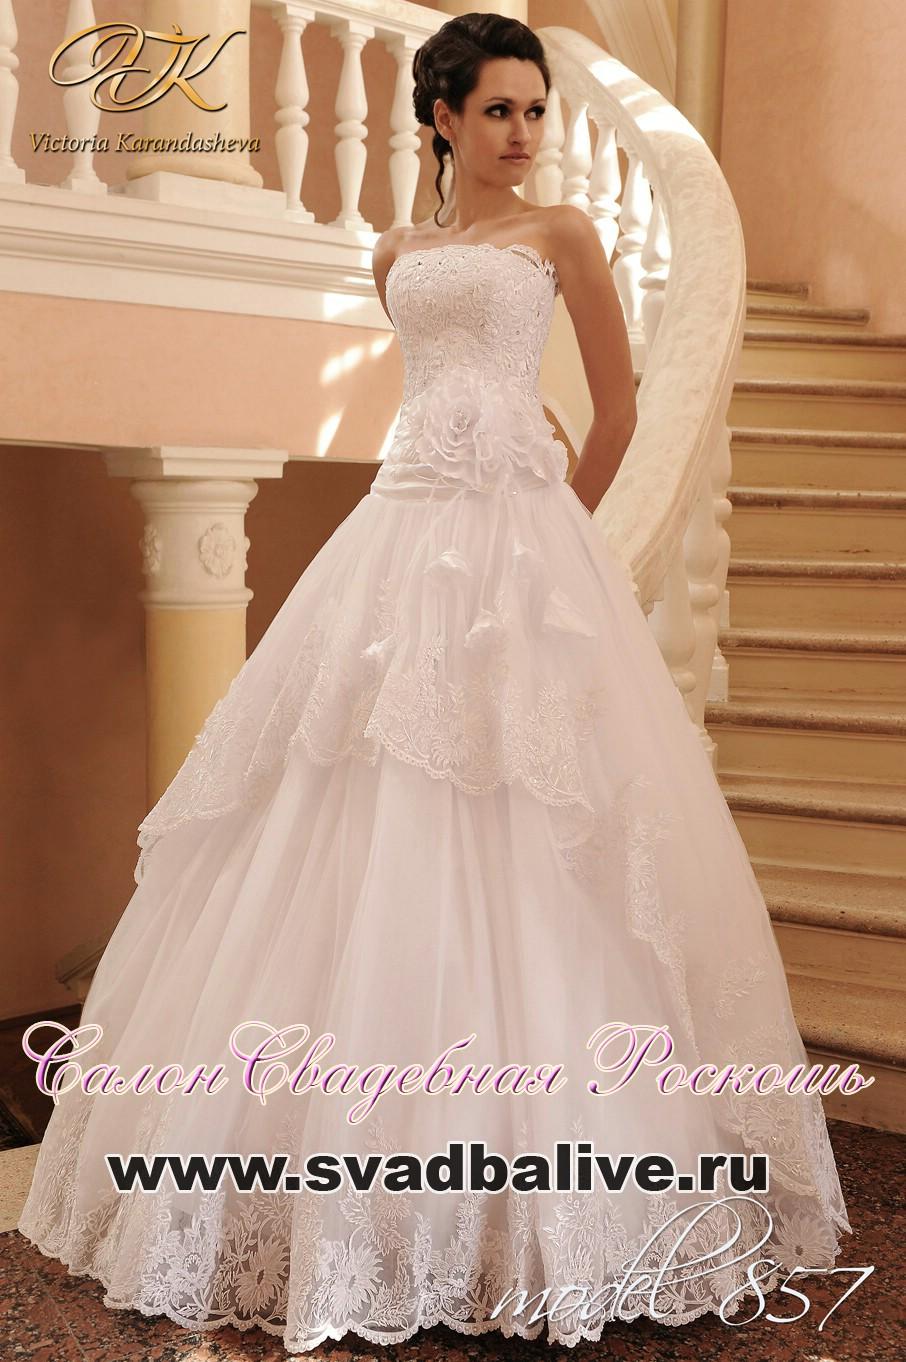 Фото свадебных платьев в омске и цены